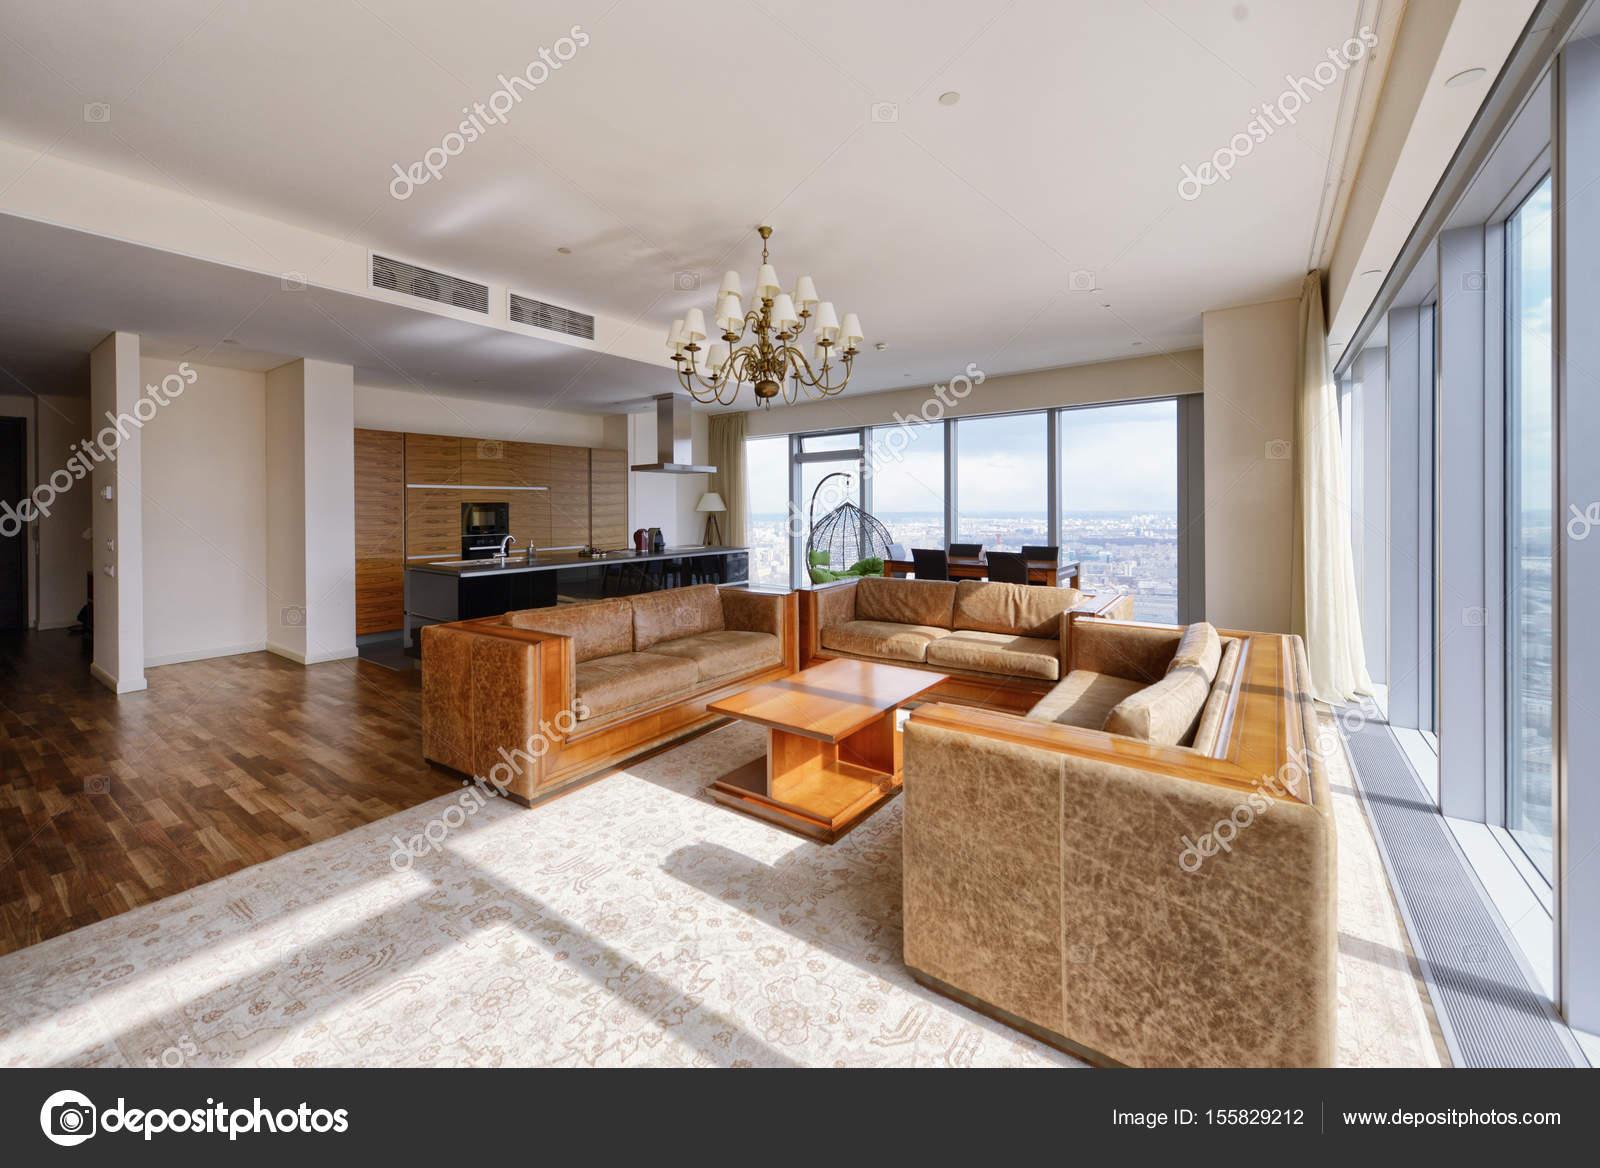 Luxe woonkamer interieur — Stockfoto © ovchinnikovfoto #155829212